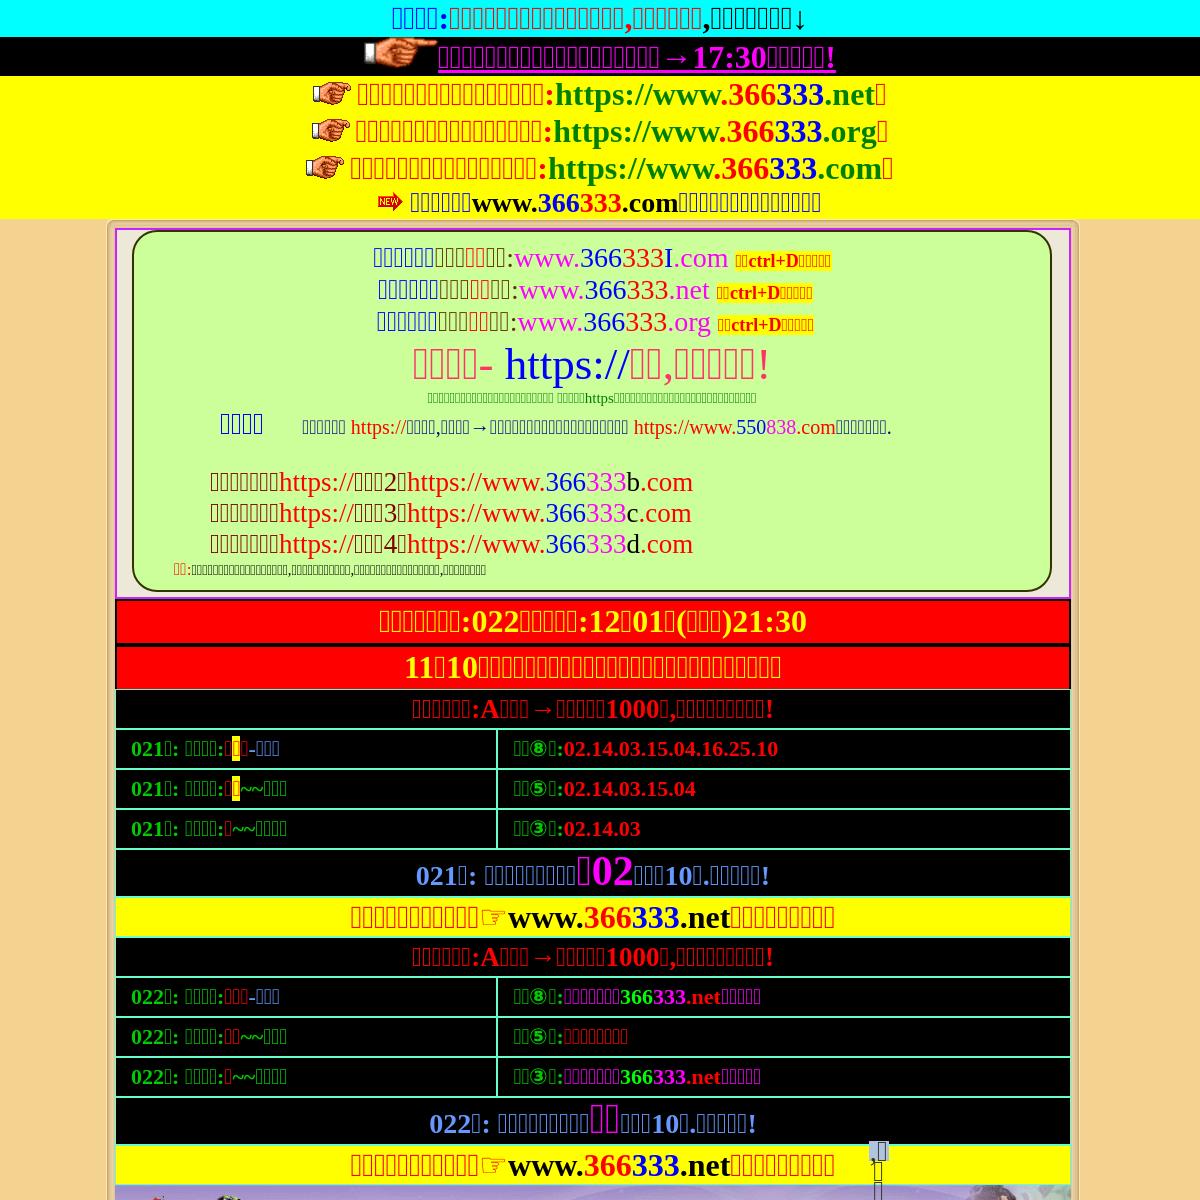 六玄开奖网,www.02791.com,香港最快开奖现场直播,开奖12555,79388冰心论坛百度,49202.com,www.755789.com